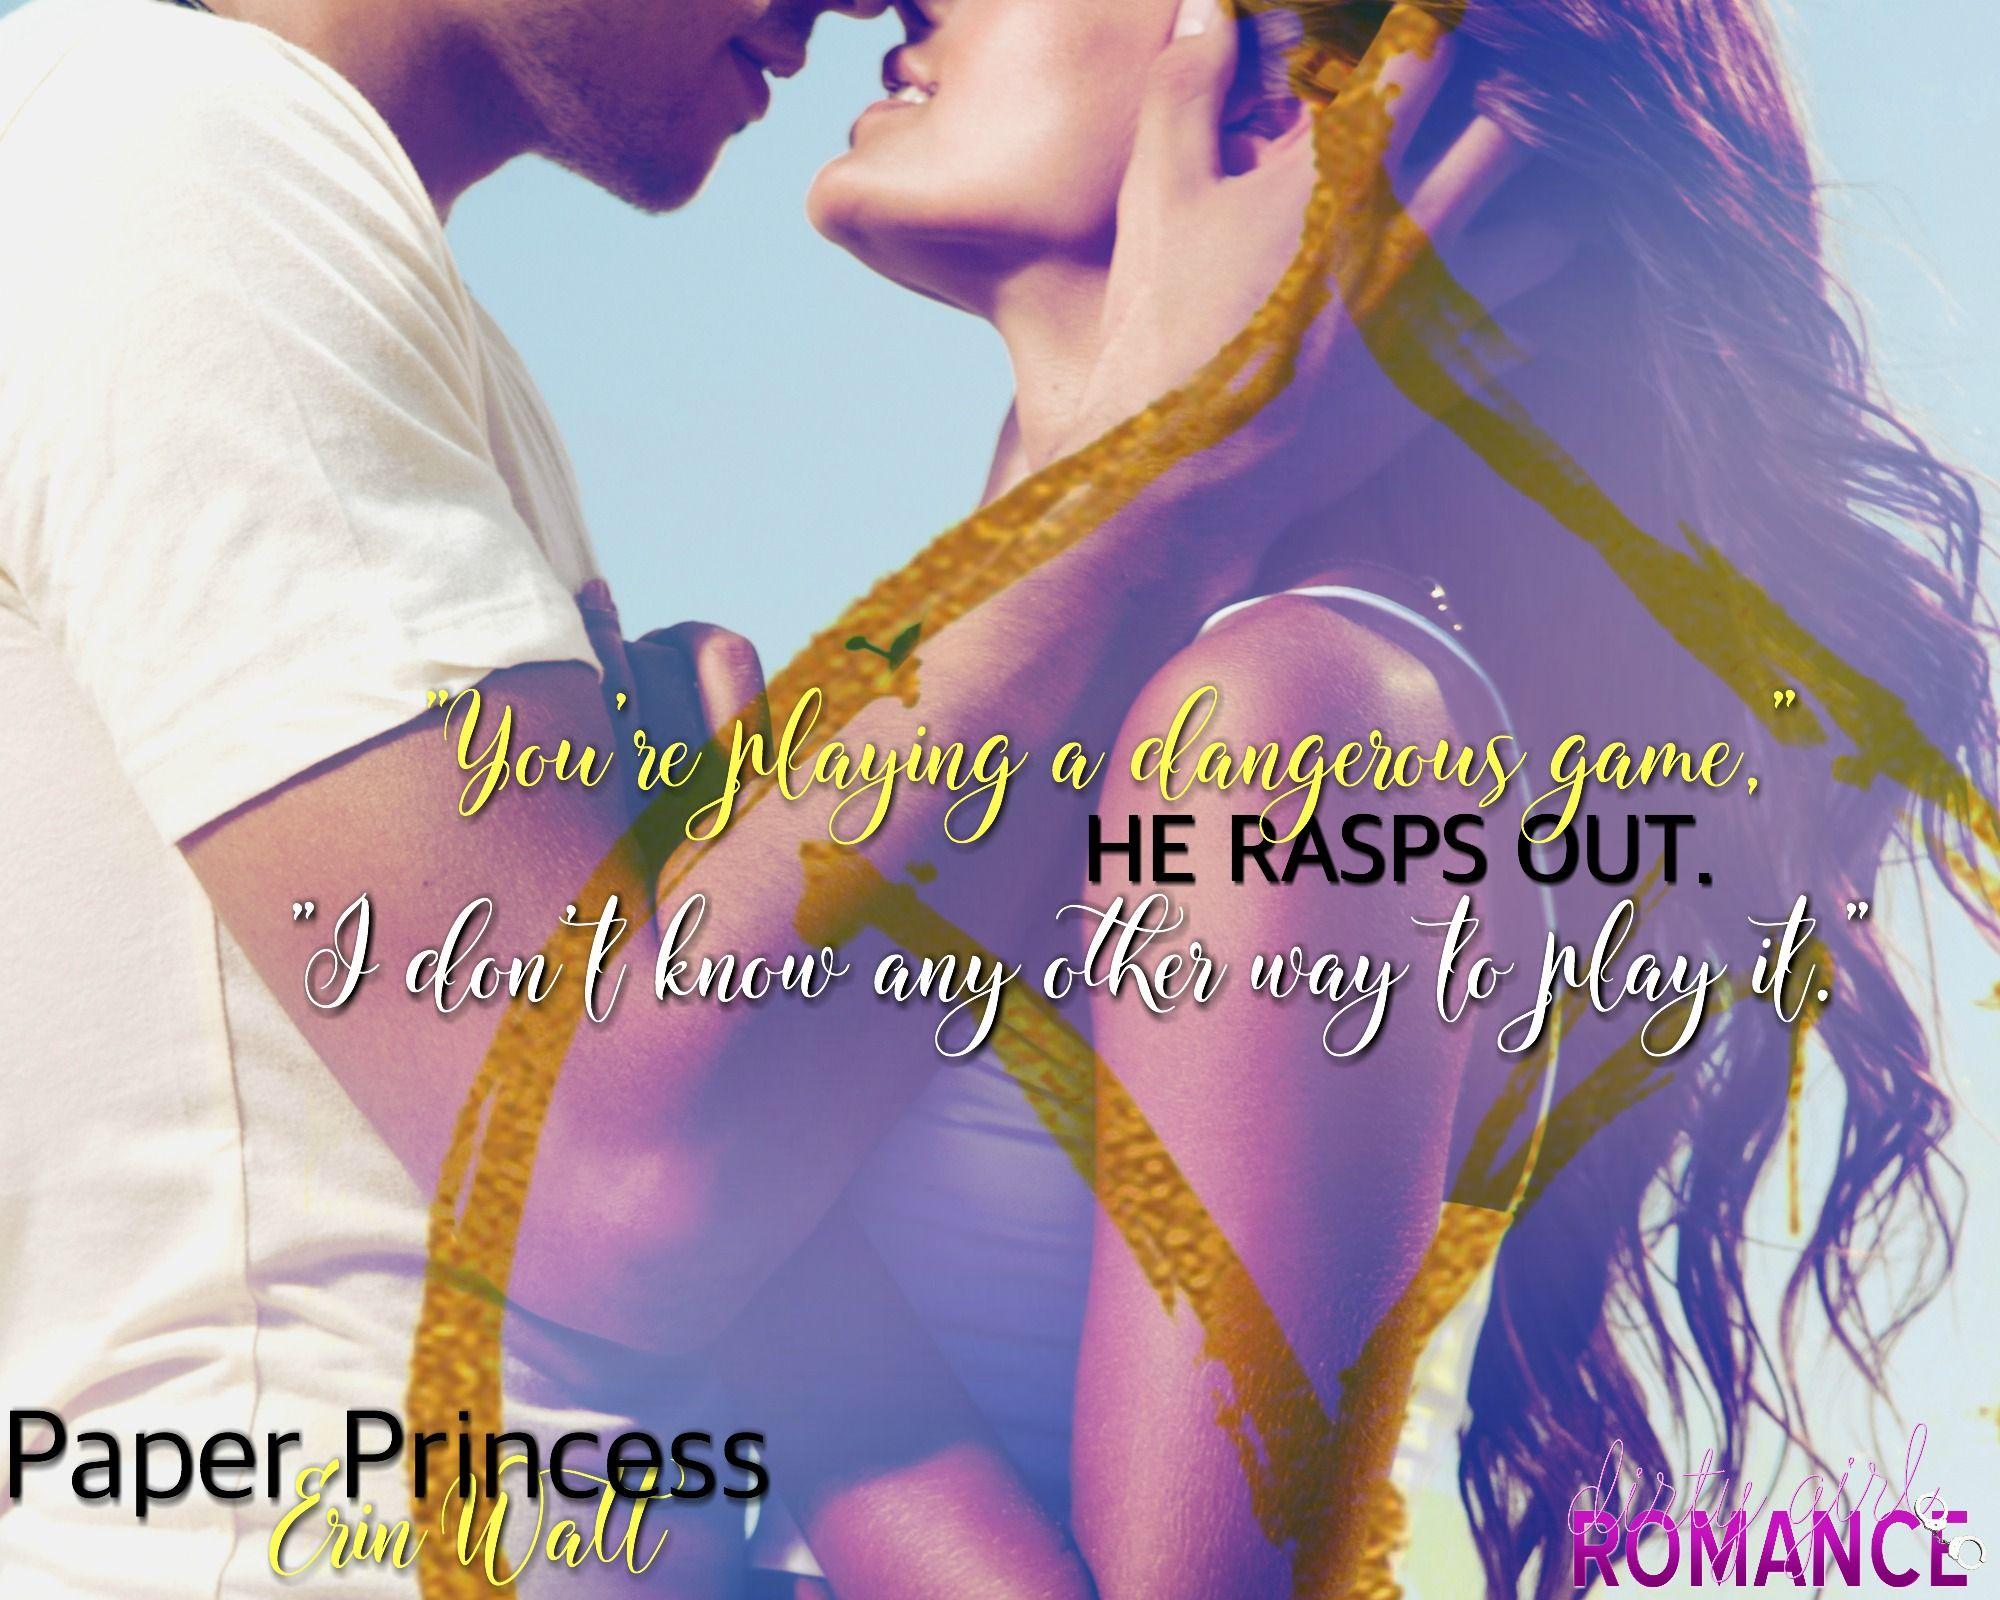 Paper Princess By Erin Watt #dirtygirlromance